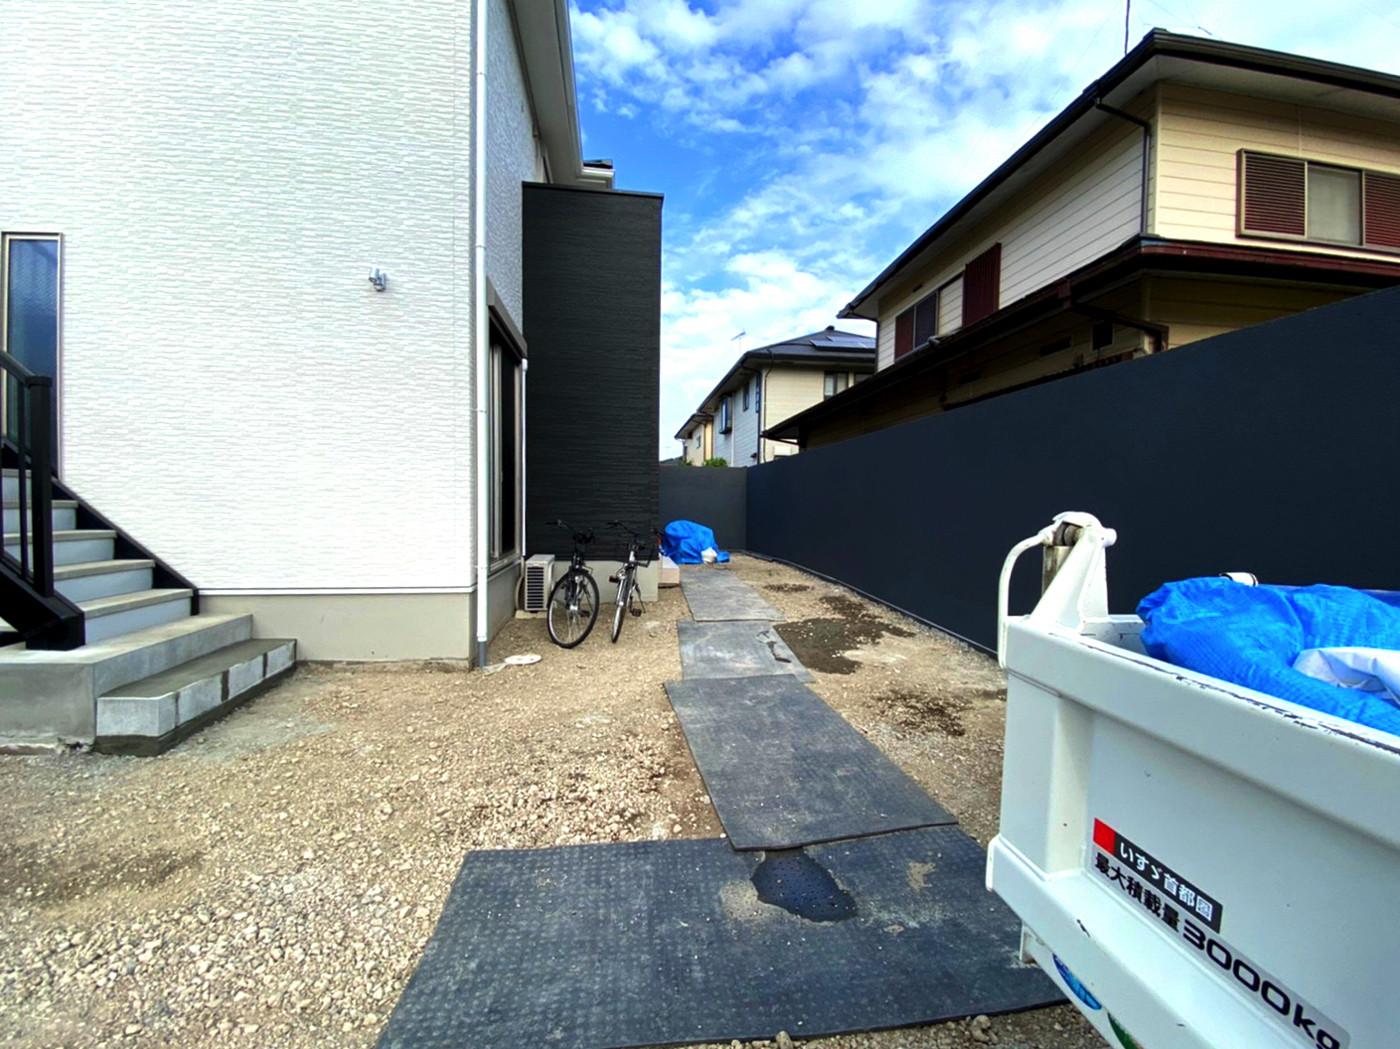 神奈川県 株式会社 琴美建設 グランドアートウォール施工イメージ2964_05